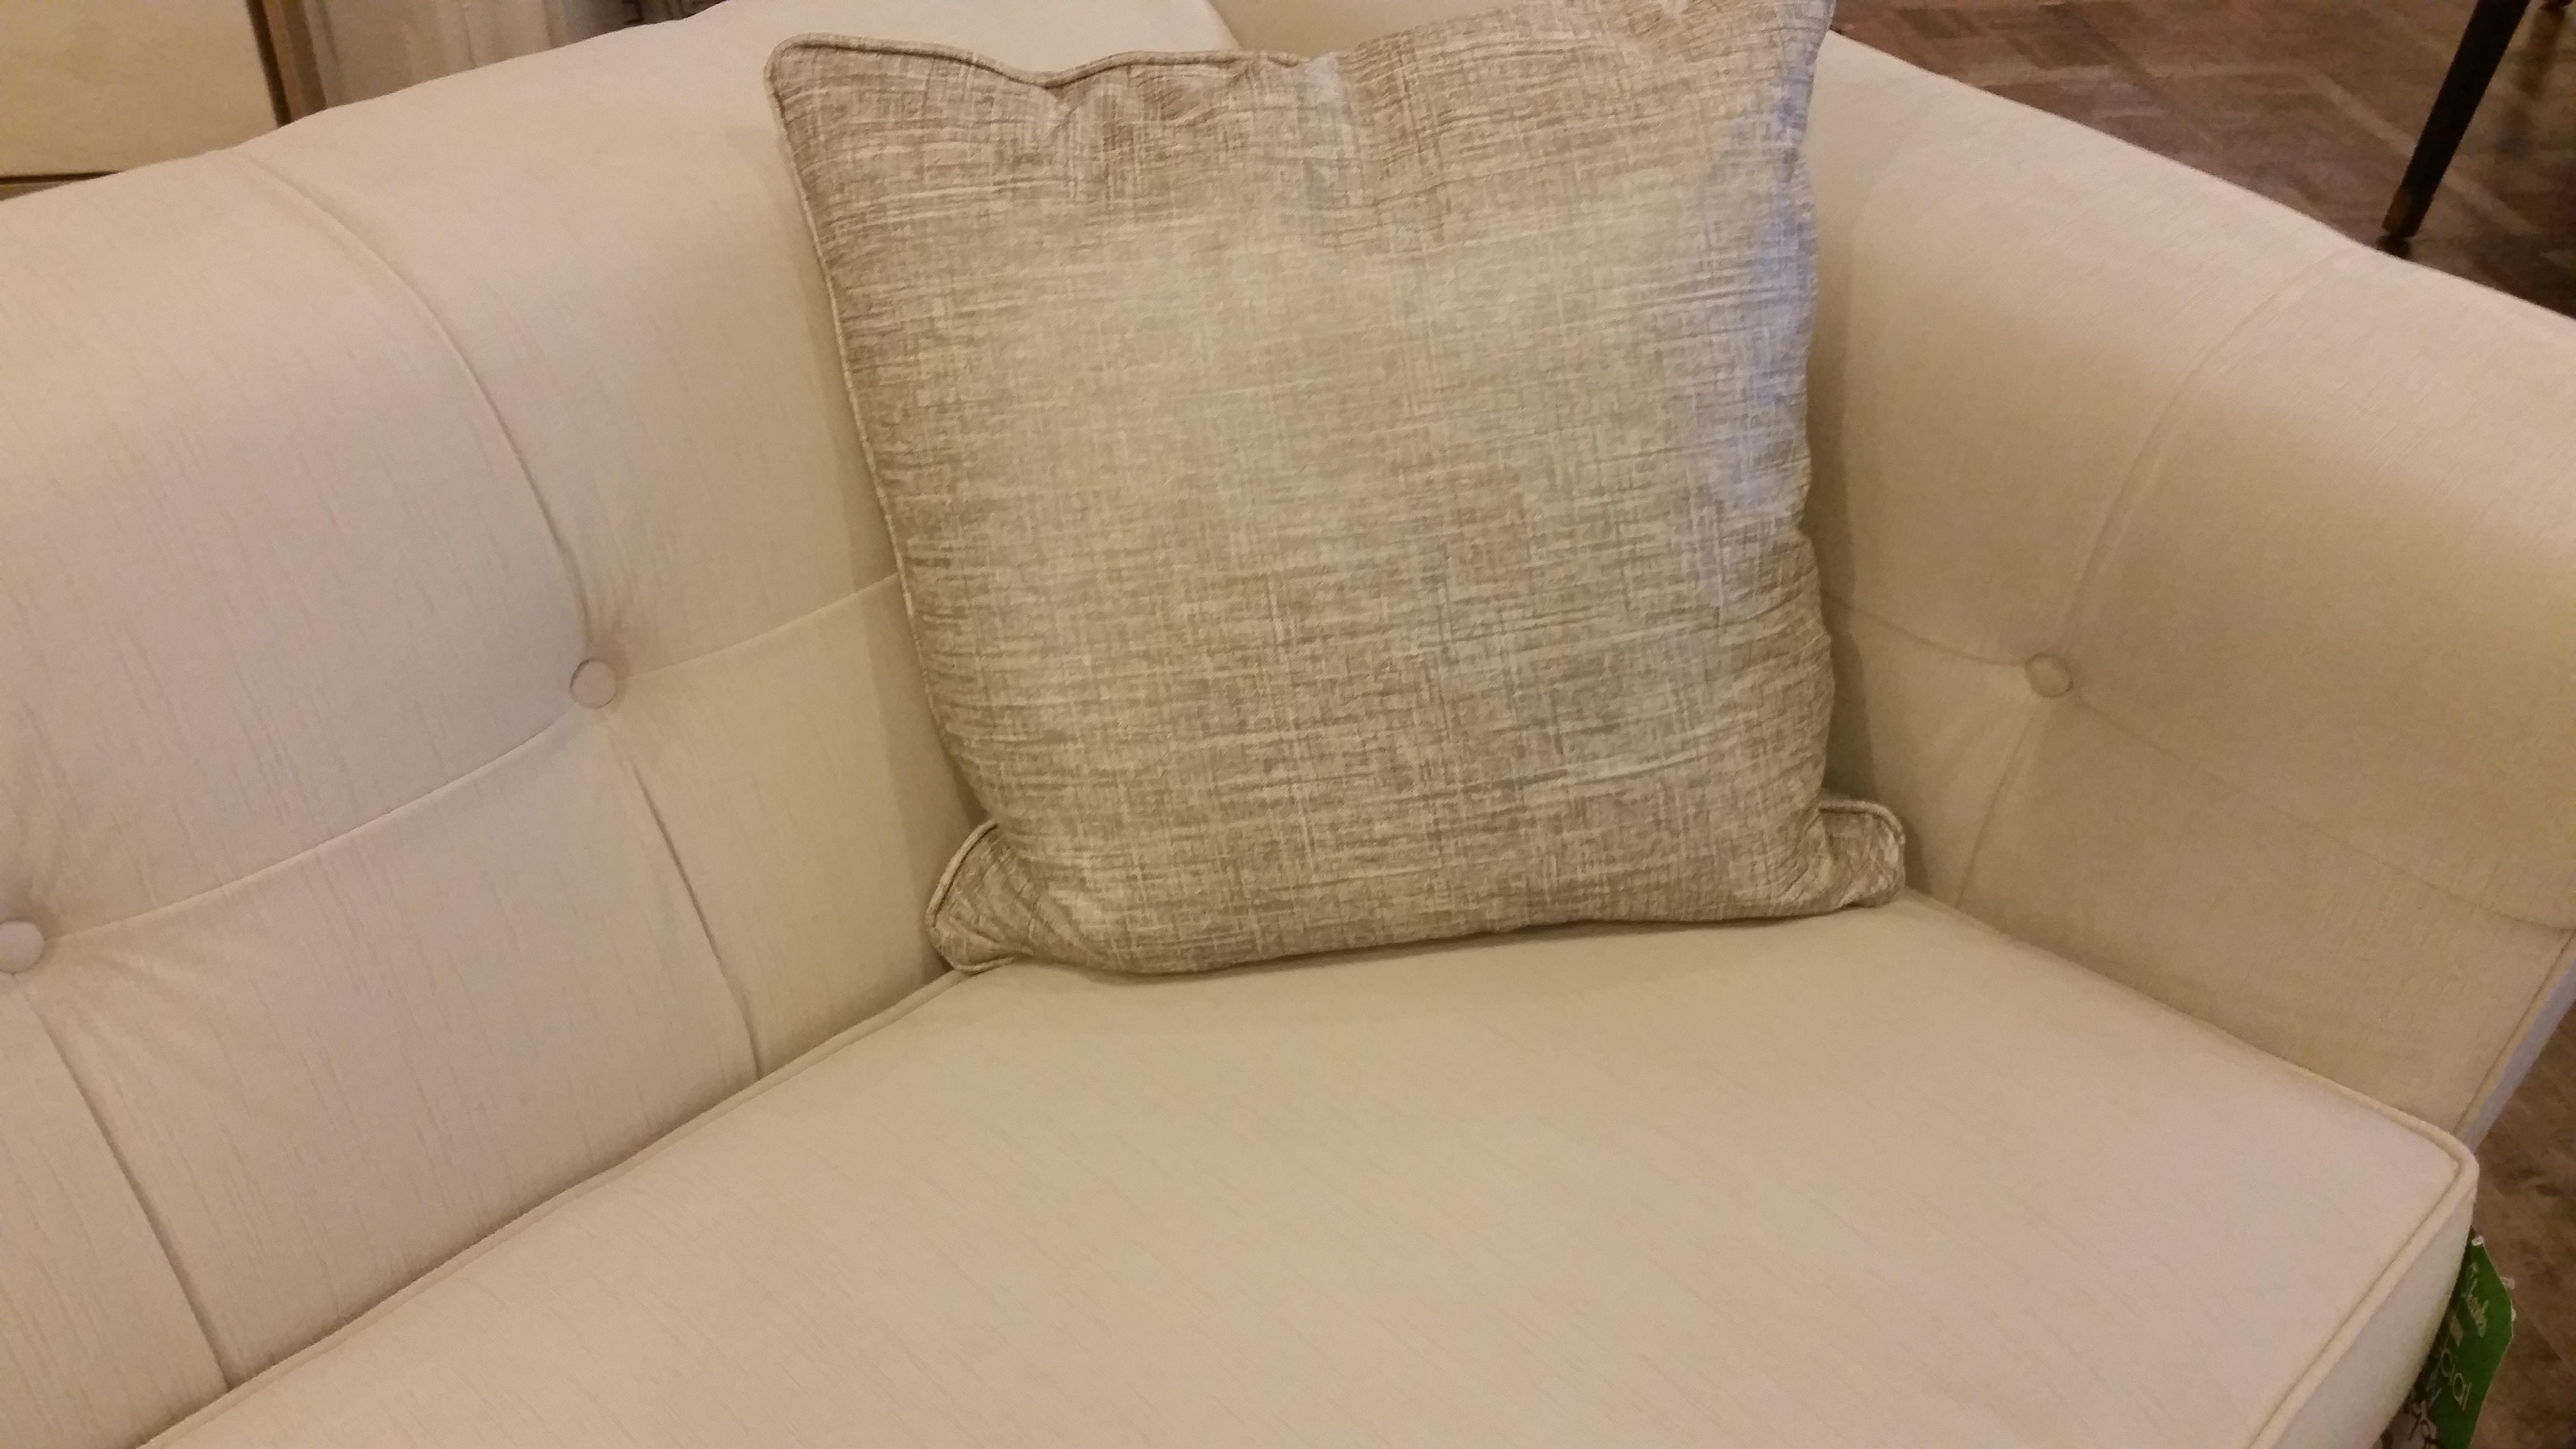 Southern Furniture Company Ashton Luster Platinum 24581HB